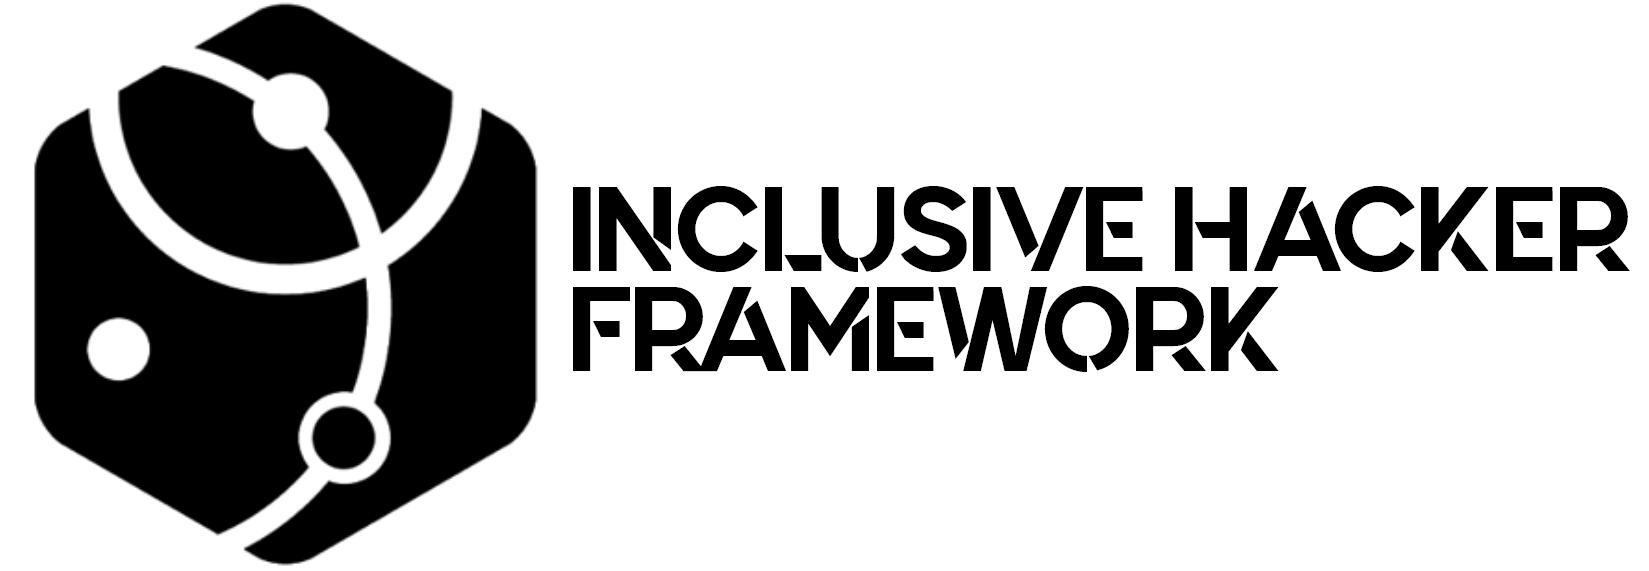 Associazione Inclusive Hacker Framework